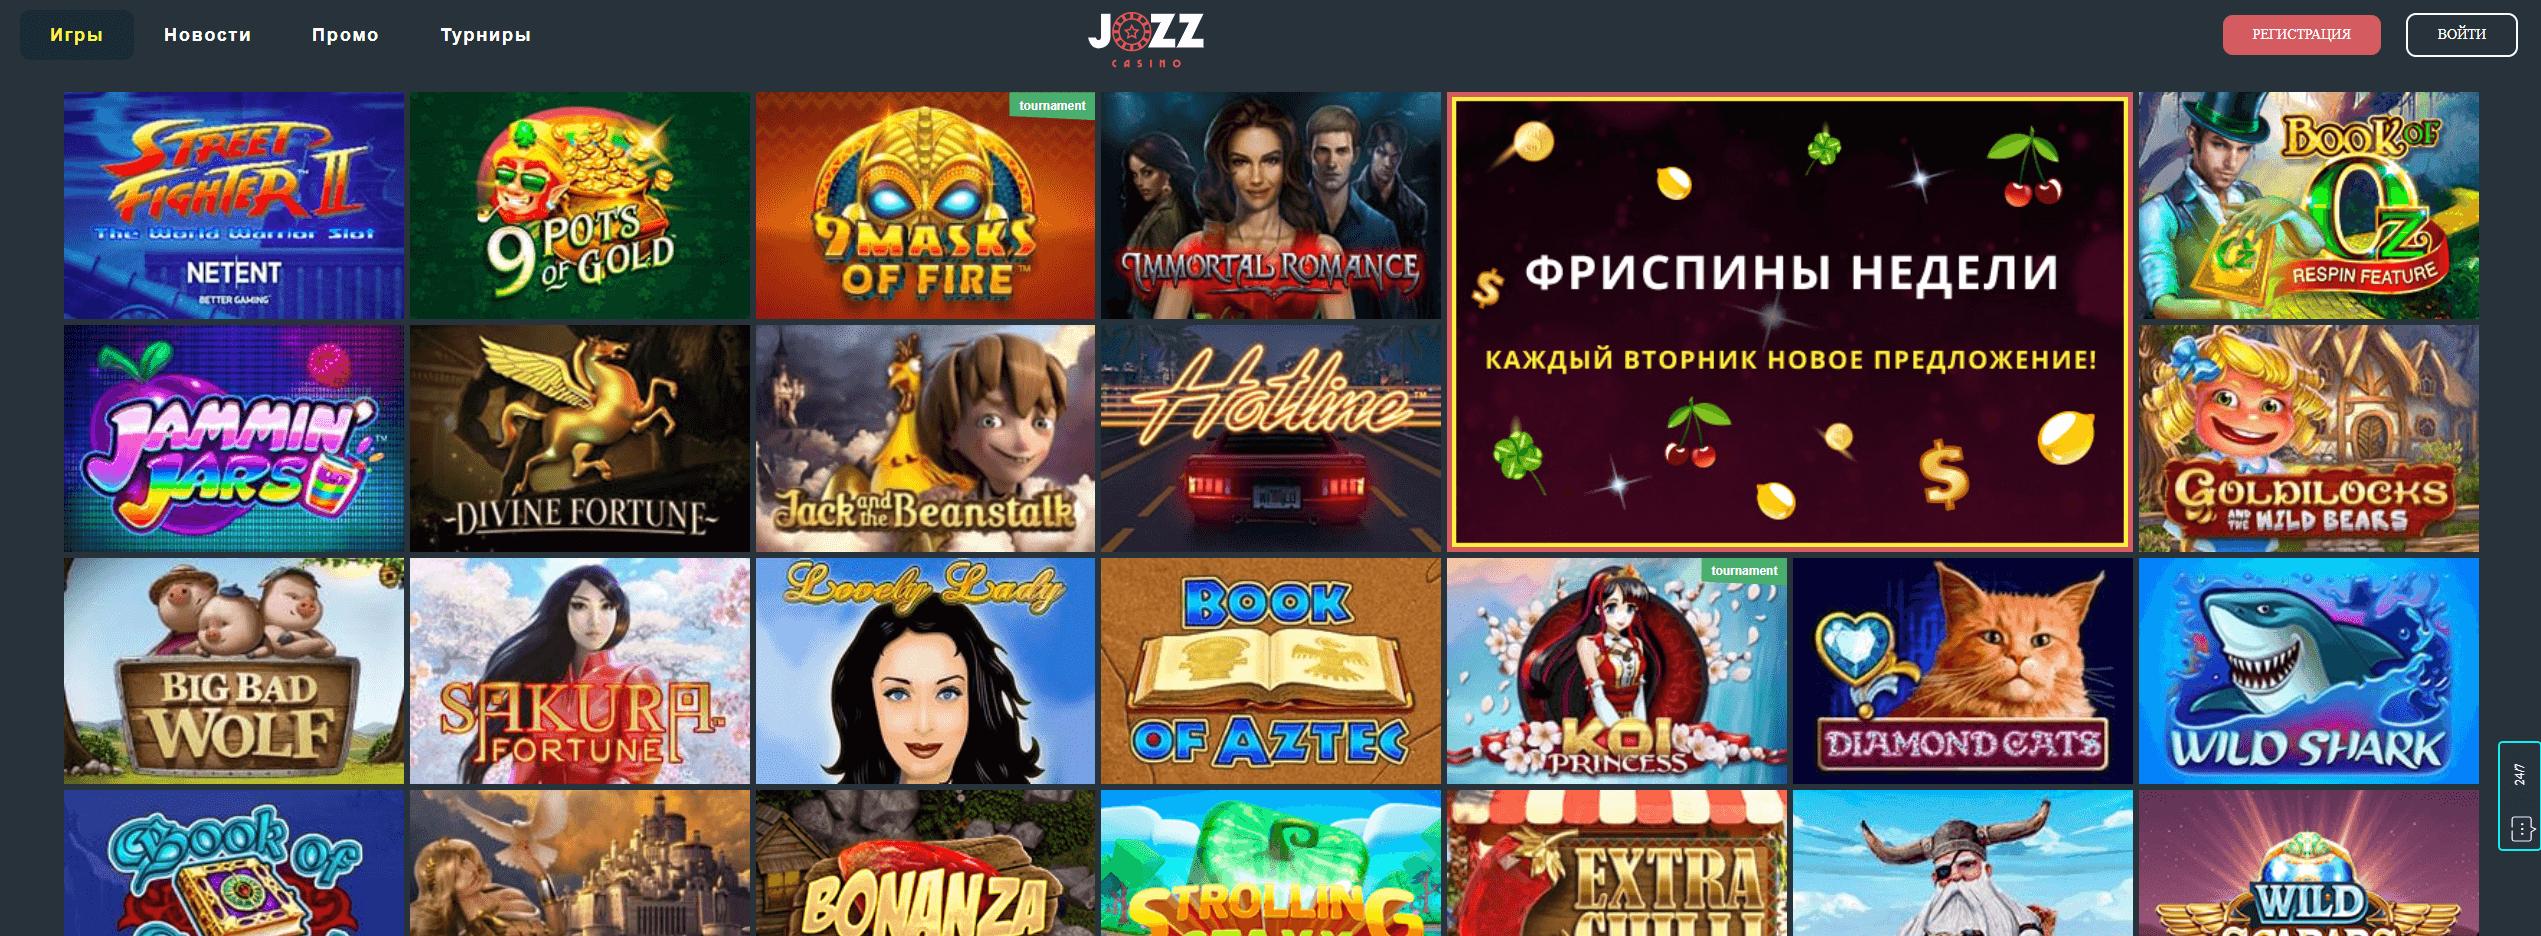 jozz casino игры